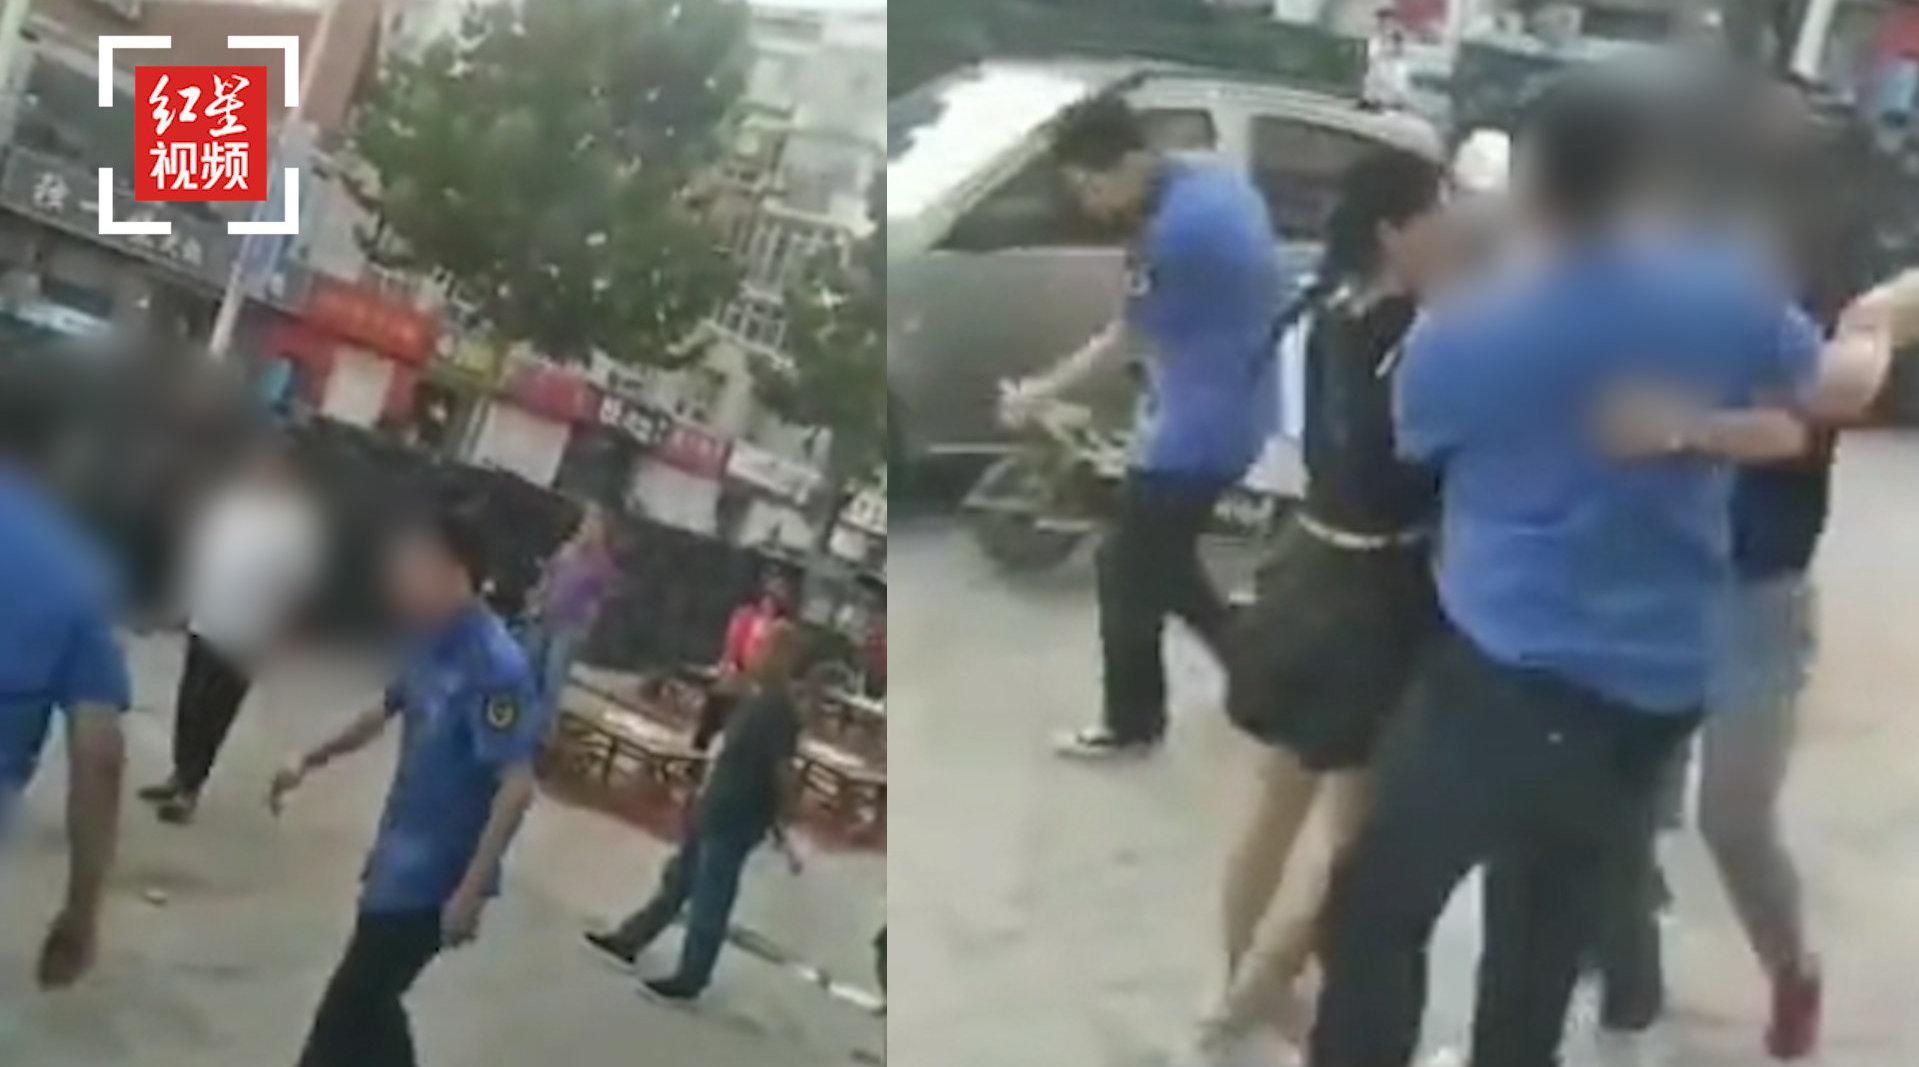 官方回应河北邢台城管殴打小商贩:涉事人员已被停职调查